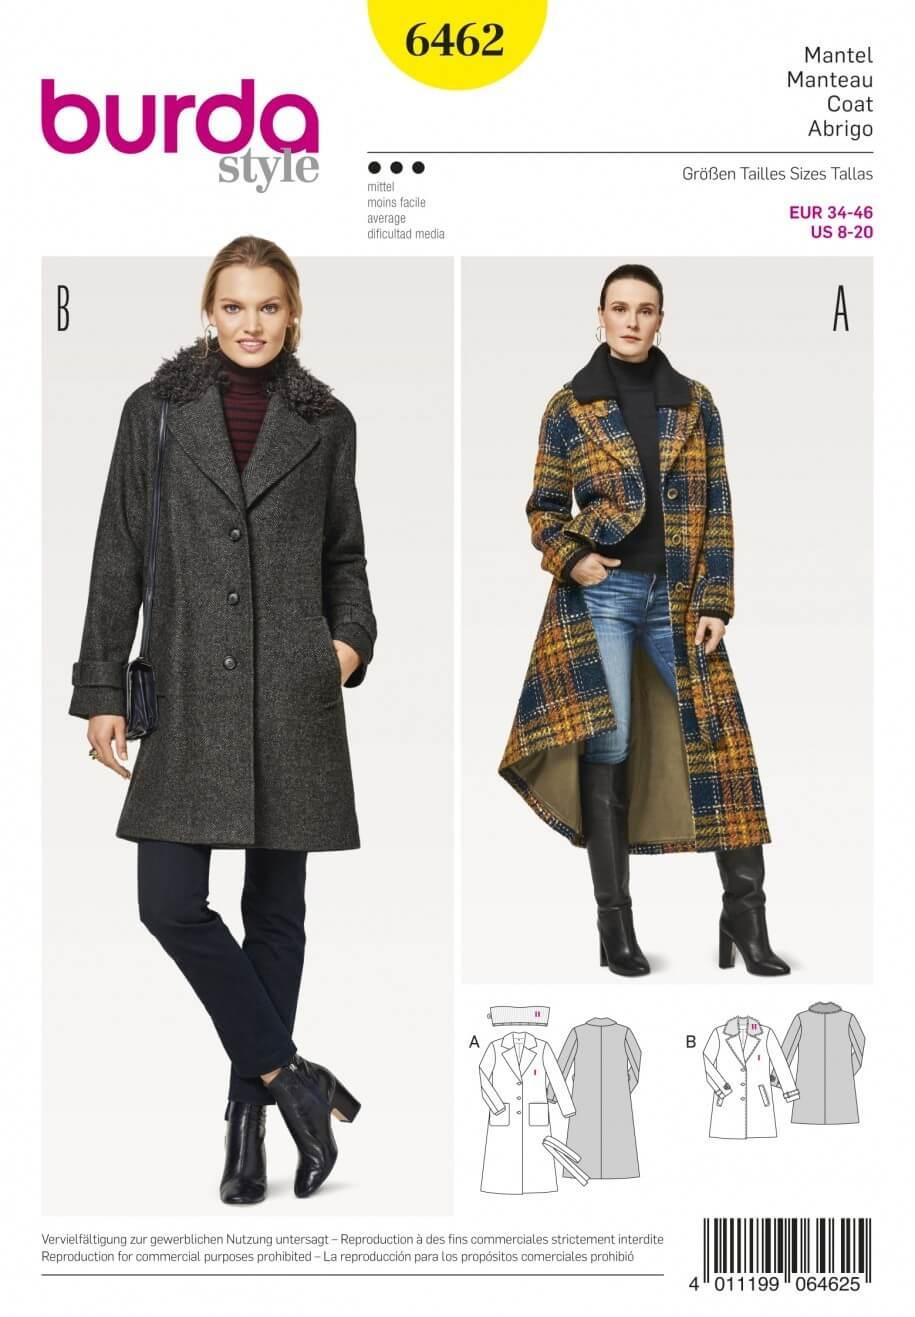 Burda style womens plus size soft drape jacket sewing pattern 6490 burda style womens fur collar blazer coat dress sewing pattern 6462 jeuxipadfo Choice Image